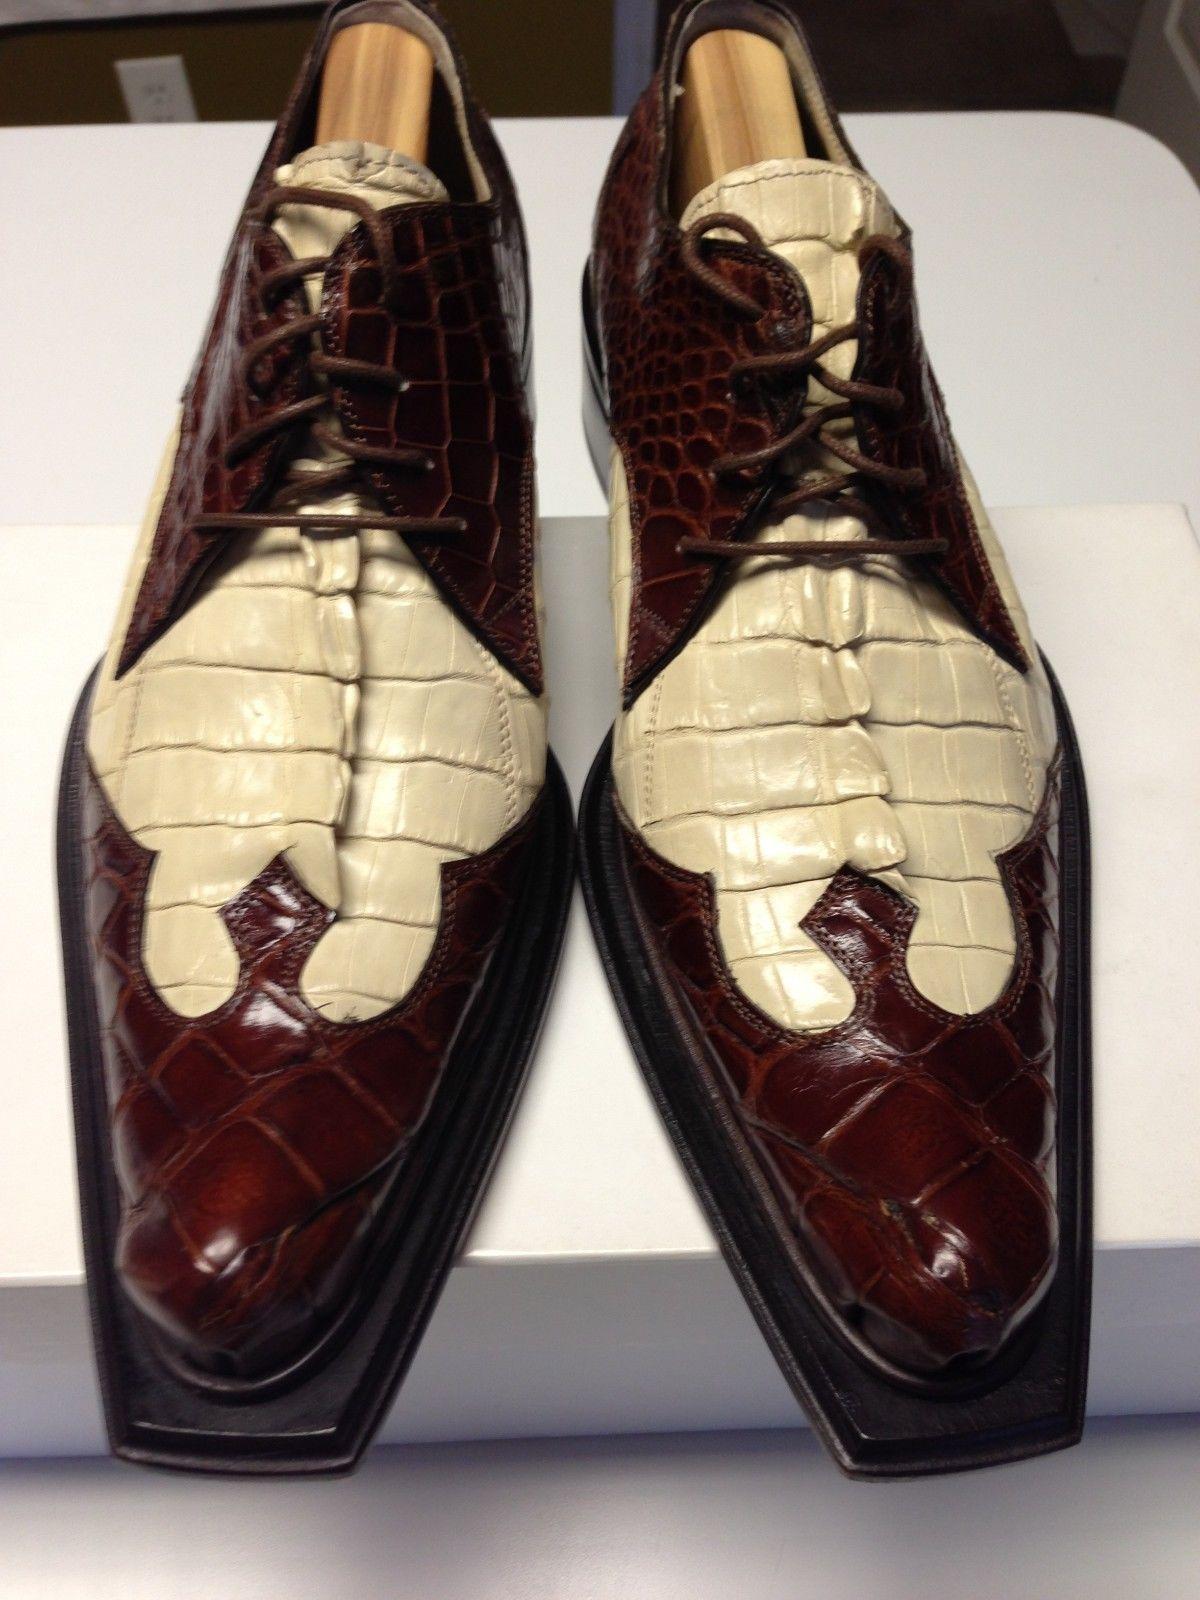 Super Bad Mauri Shoes